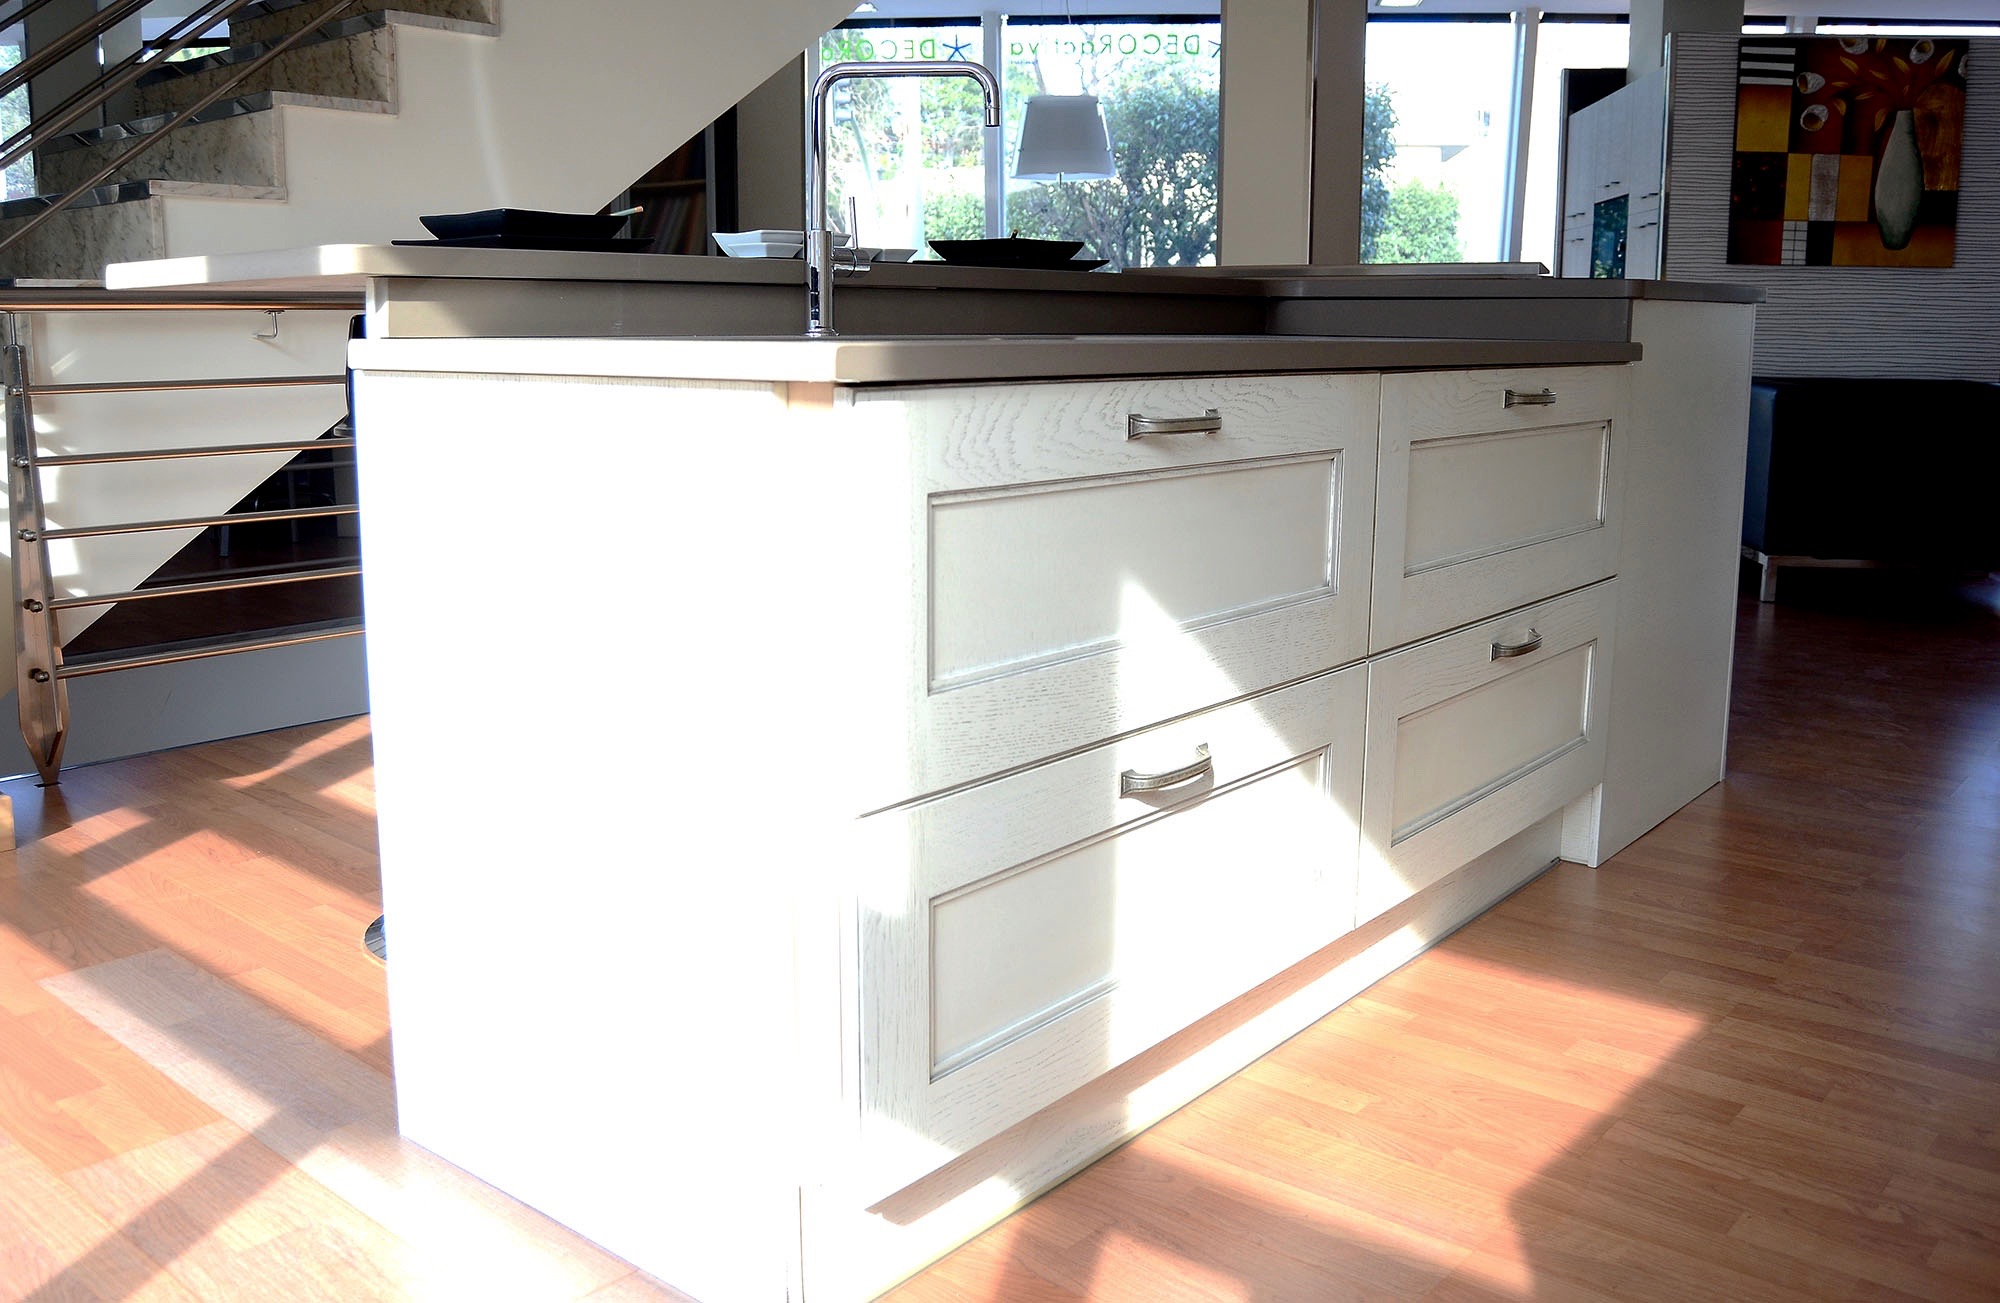 Nuestras cocinas-premium07 - Tienda de muebles de cocina y baño en Santander